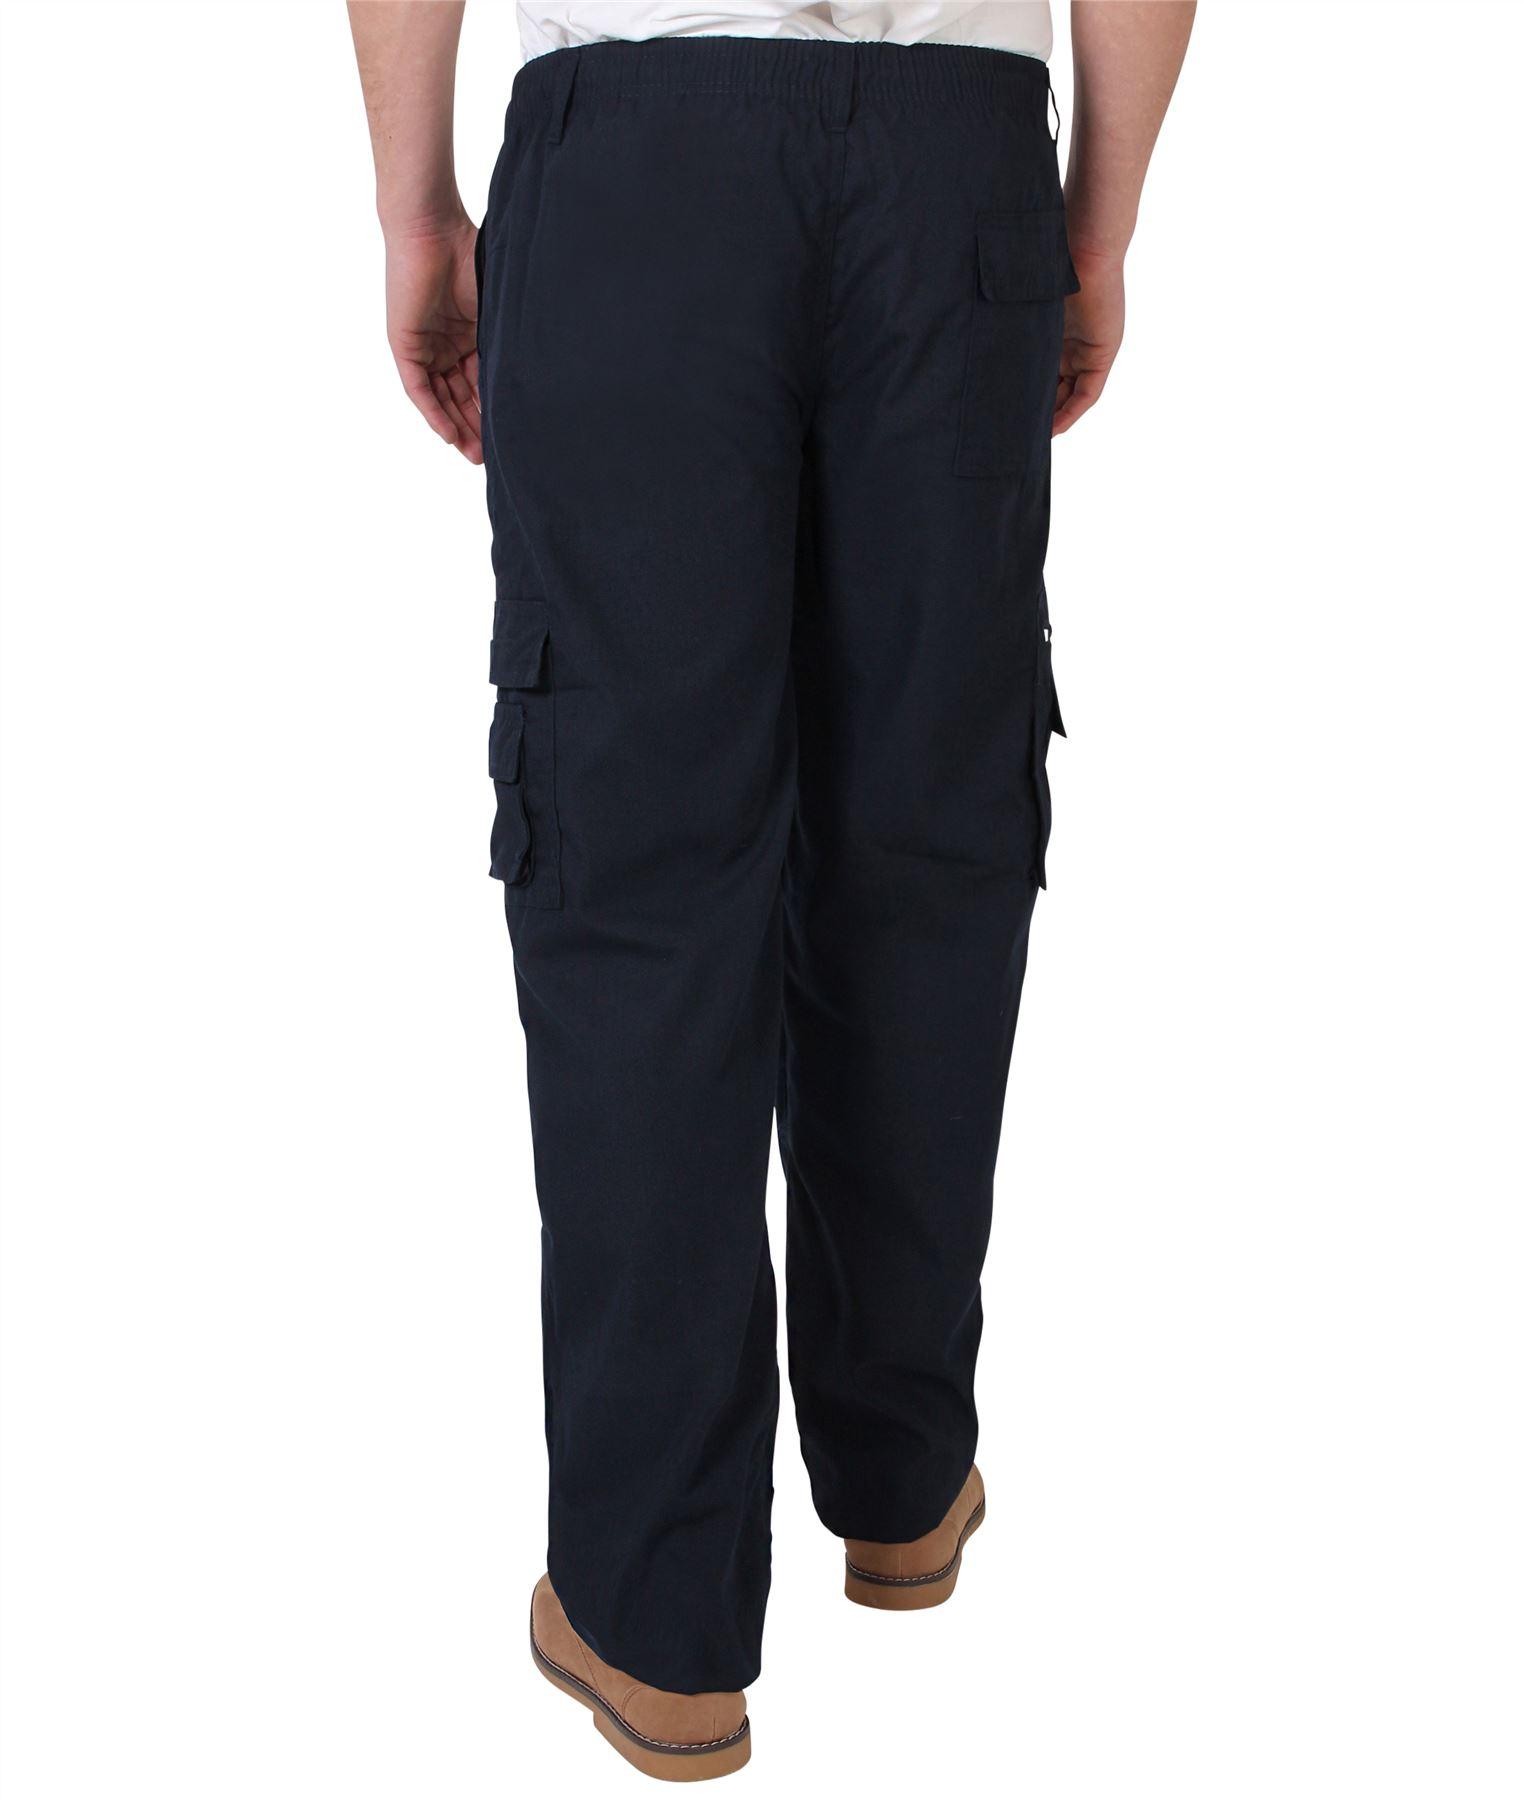 Uomo-Militare-Cargo-Pantaloni-Cotone-Lavoro-Chino-Casual-Kaki miniatura 28